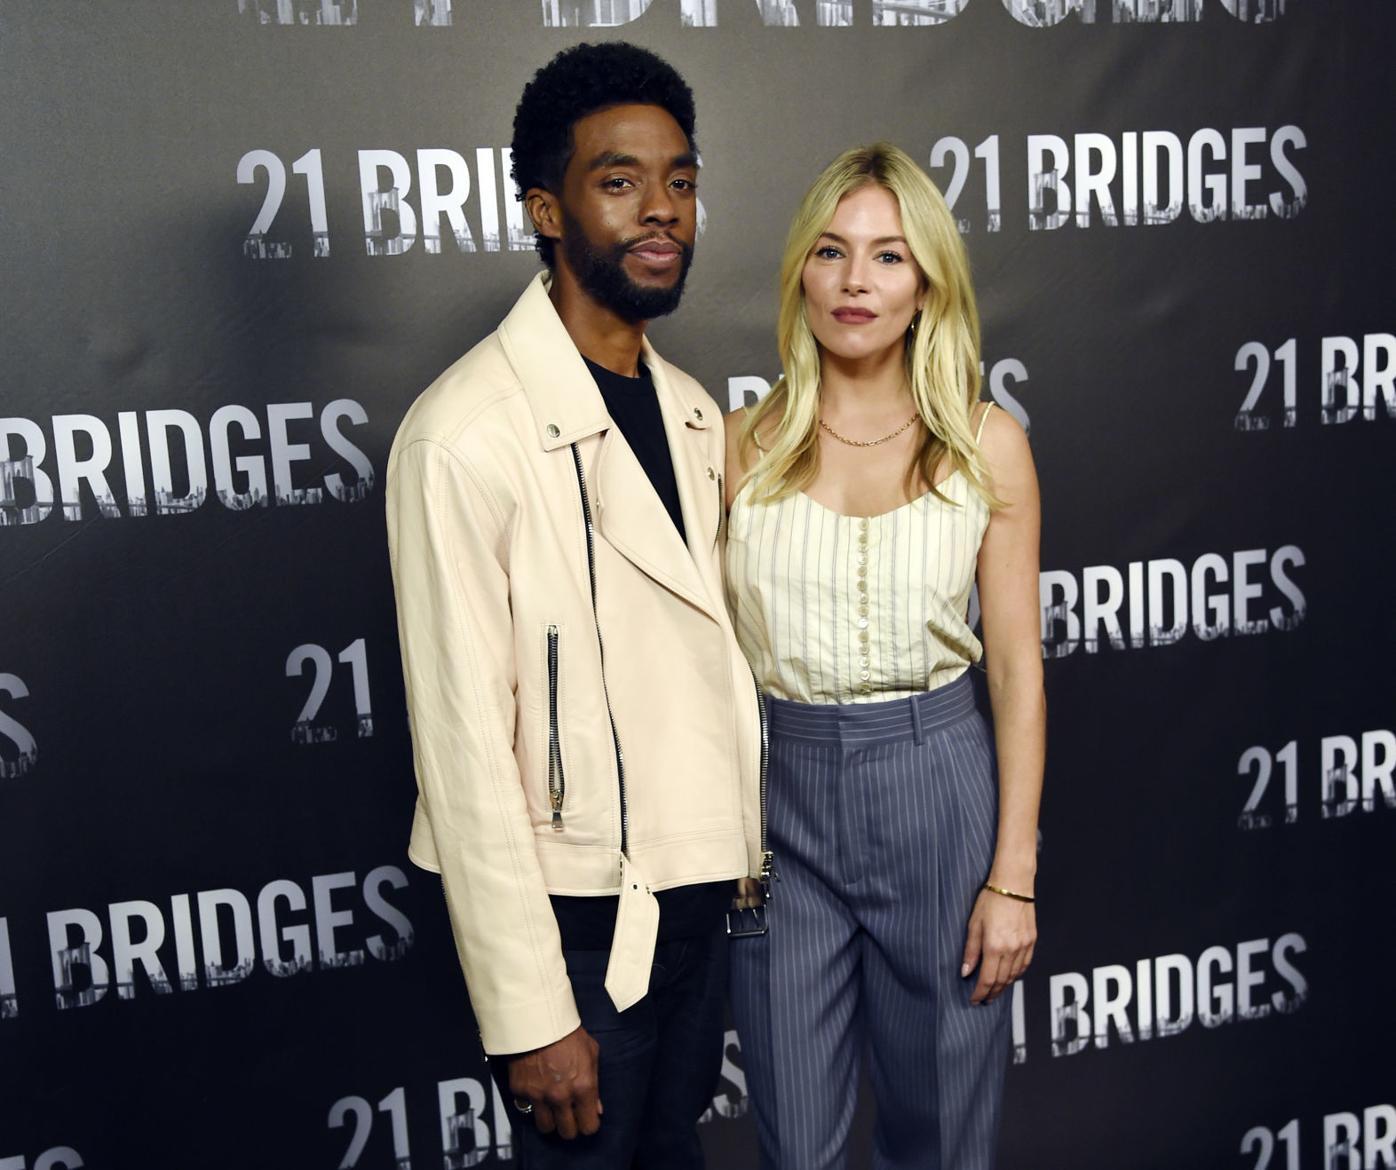 21 Bridges Delivers A Good Popcorn Movie Movietimes Wataugademocrat Com